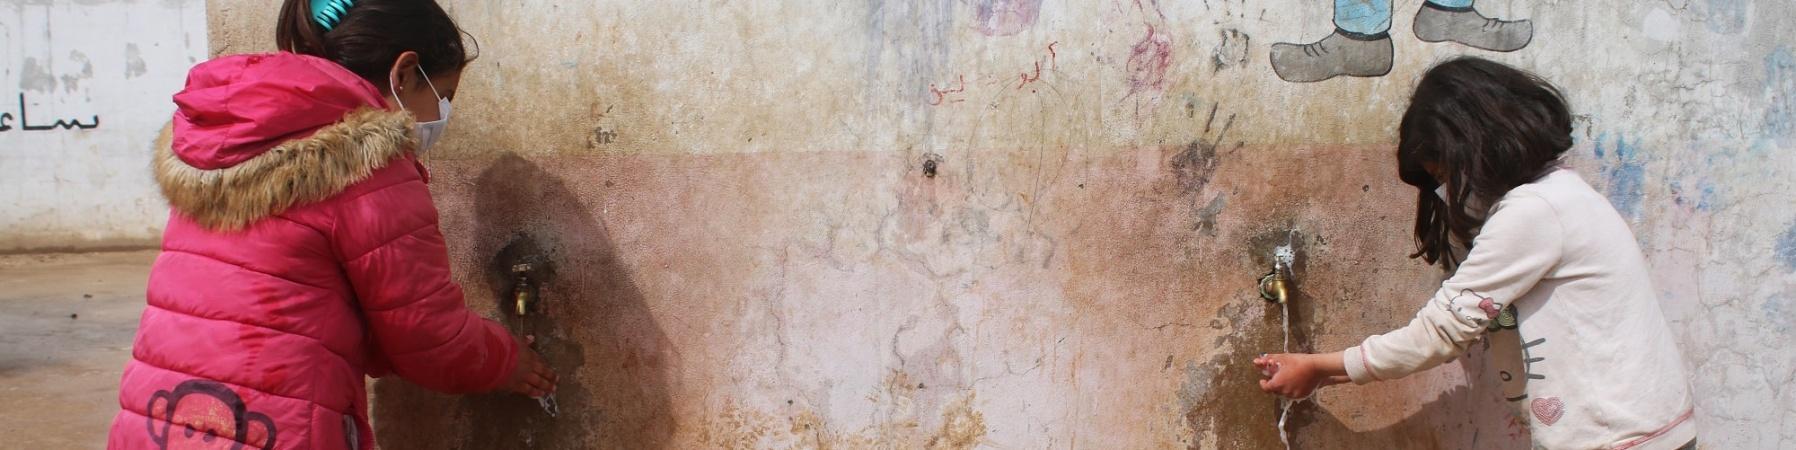 due bambine con mascherina in piedi davanti a un muro mentre si lavano le mani